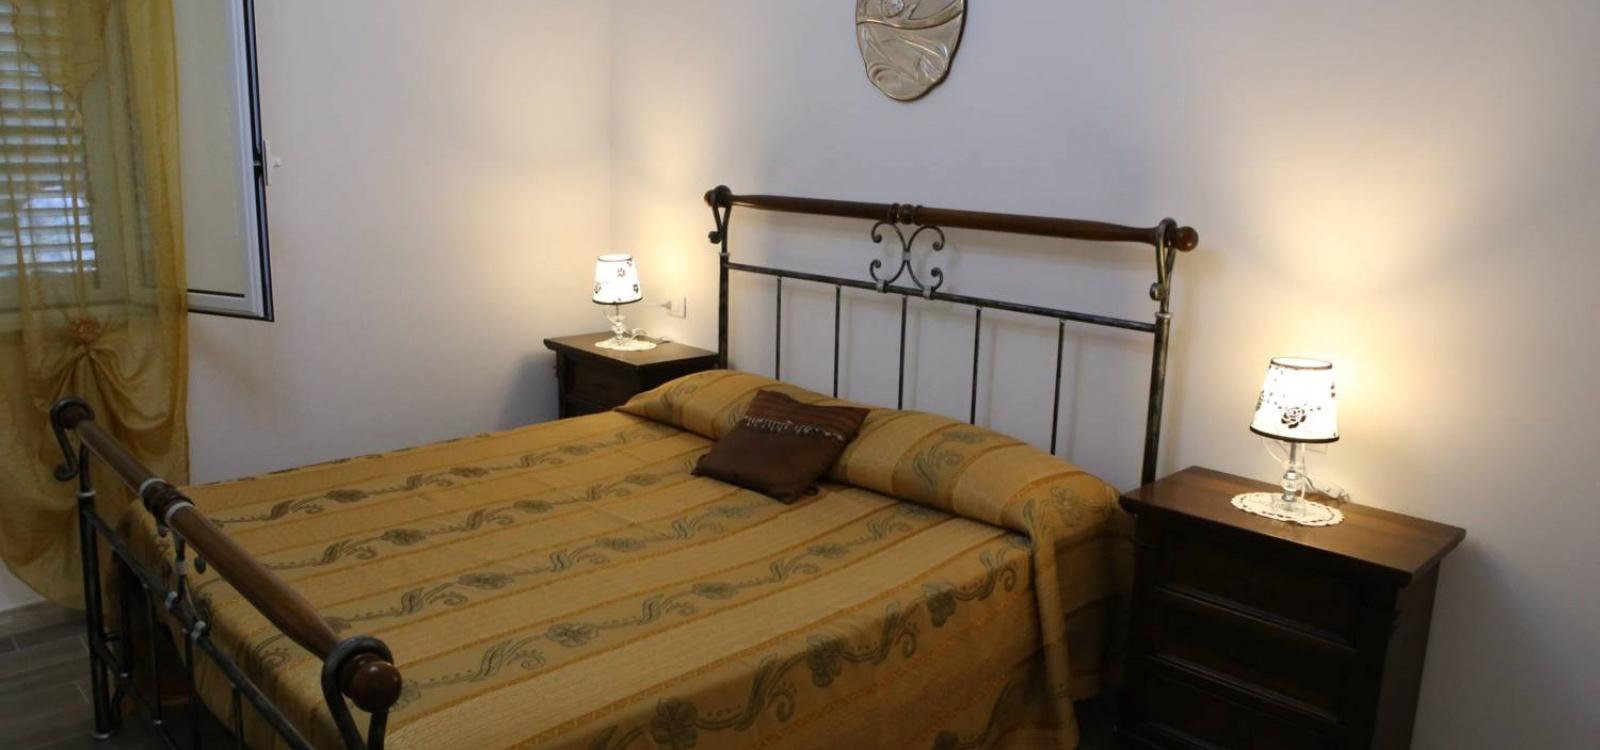 Casa Vacanze, Affitto per vacanze, ID Struttura 1232, Torre Marino, Santa Domenica, Vibo Valentia, Italy, 89866,